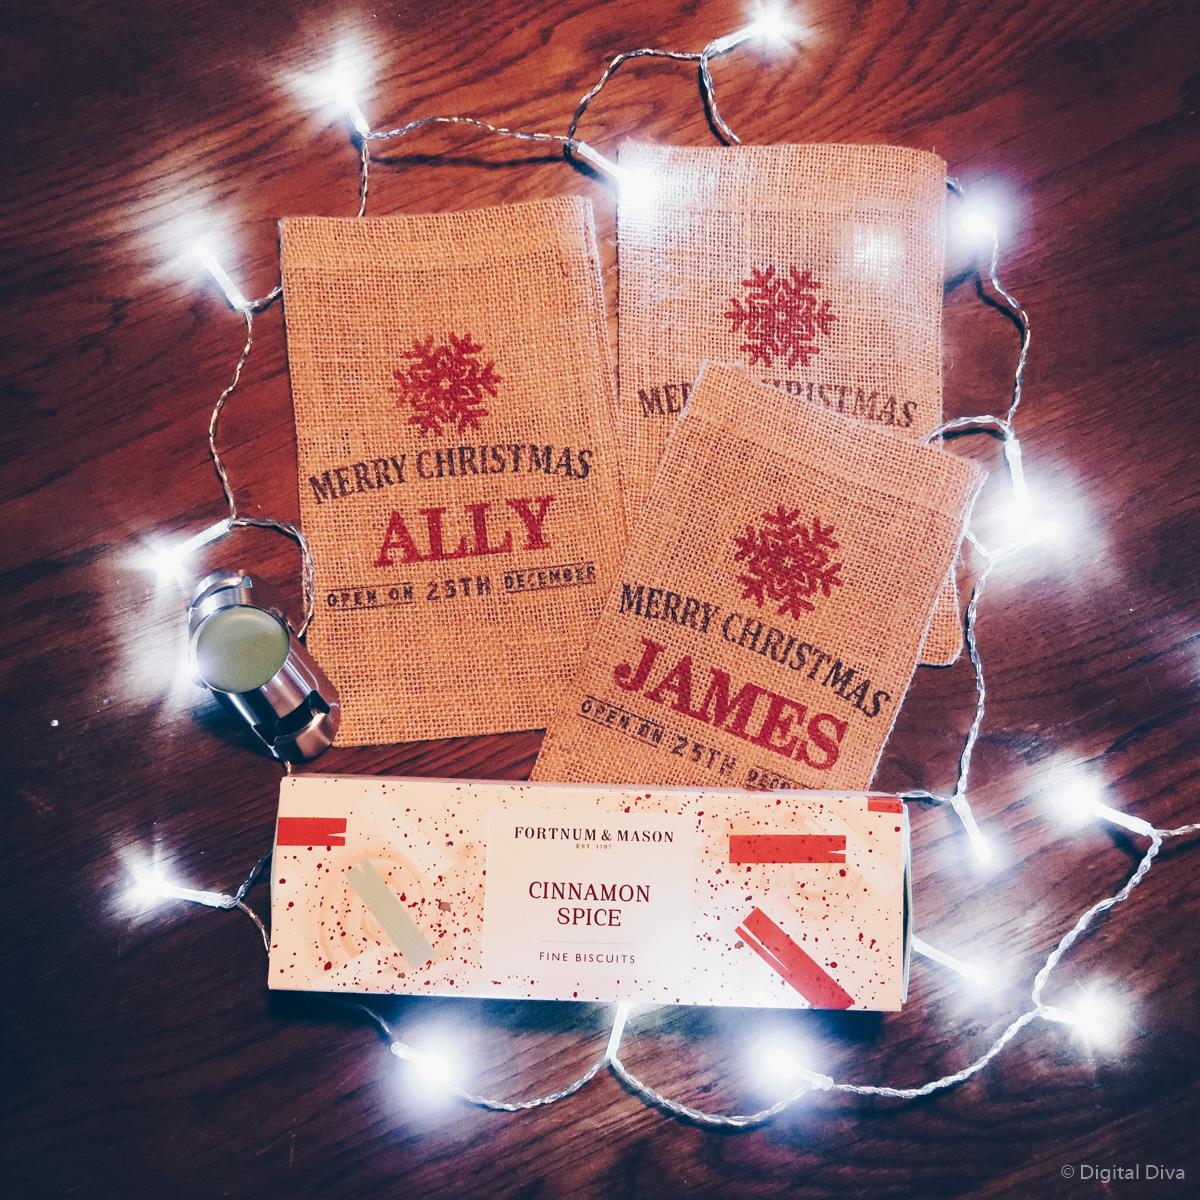 Fortnum & Mason Christmas Gifts